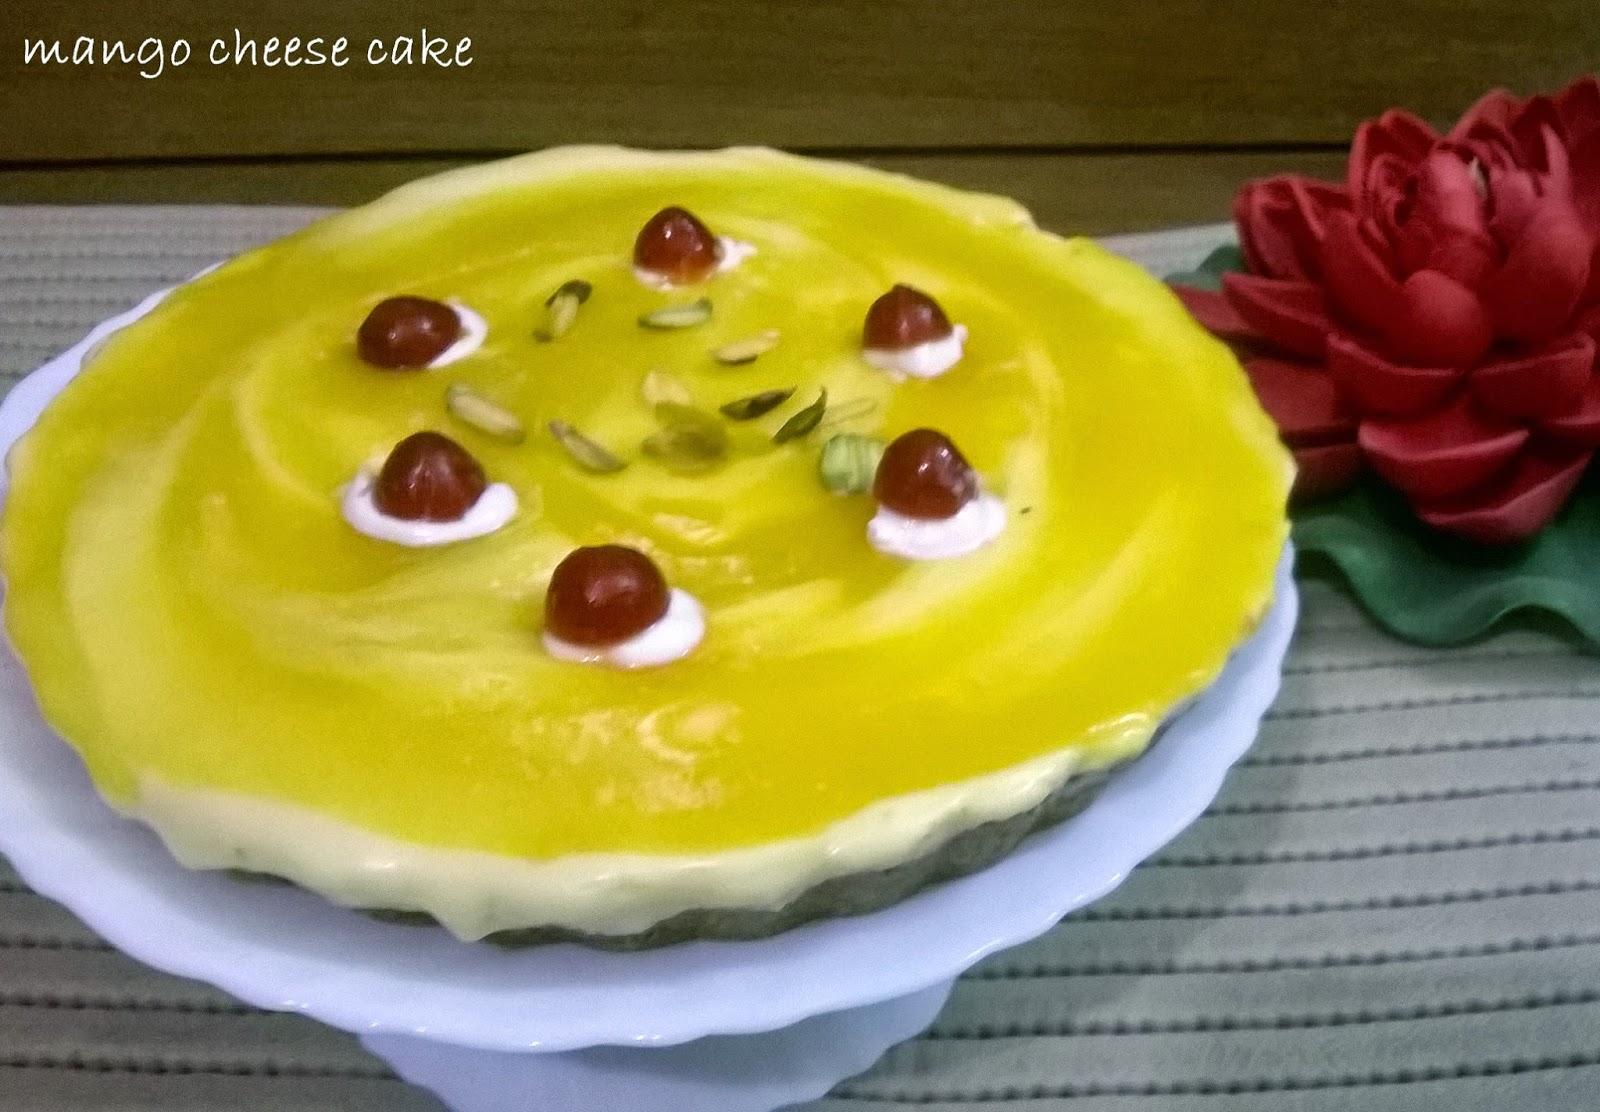 http://www.paakvidhi.com/2014/10/mango-cheese-cake.html